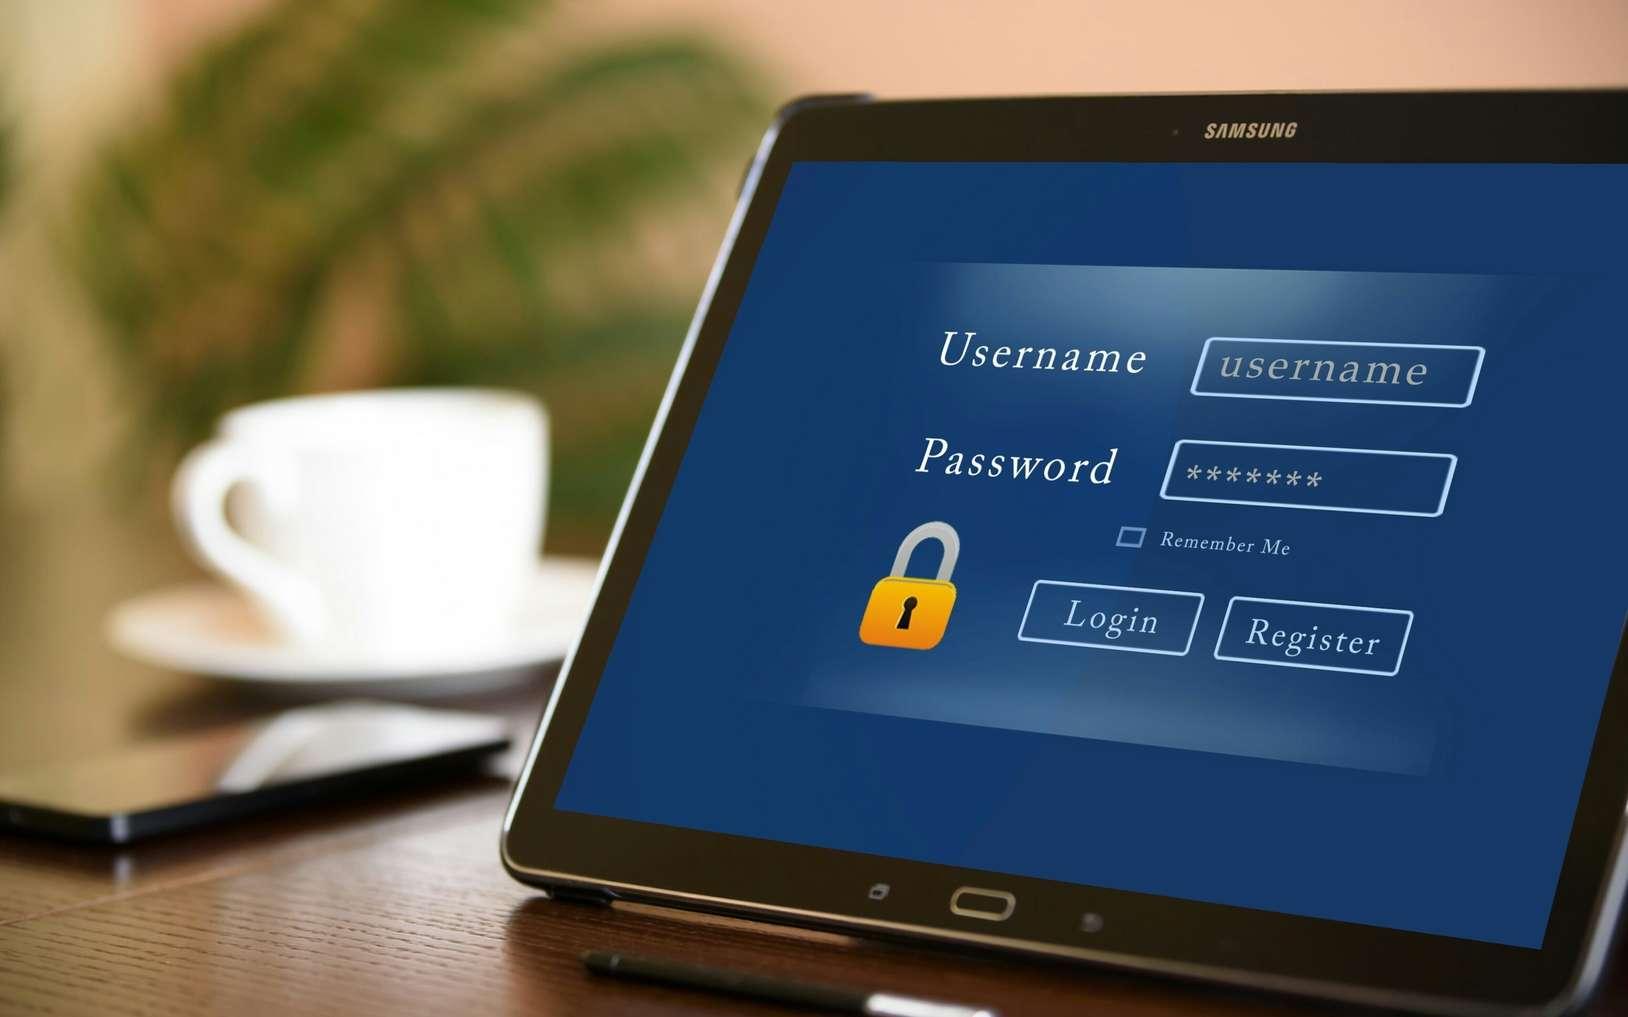 Futura procède à un tour d'horizon des meilleurs logiciels pour gérer ses mots de passe. ©Mohamed Hassan